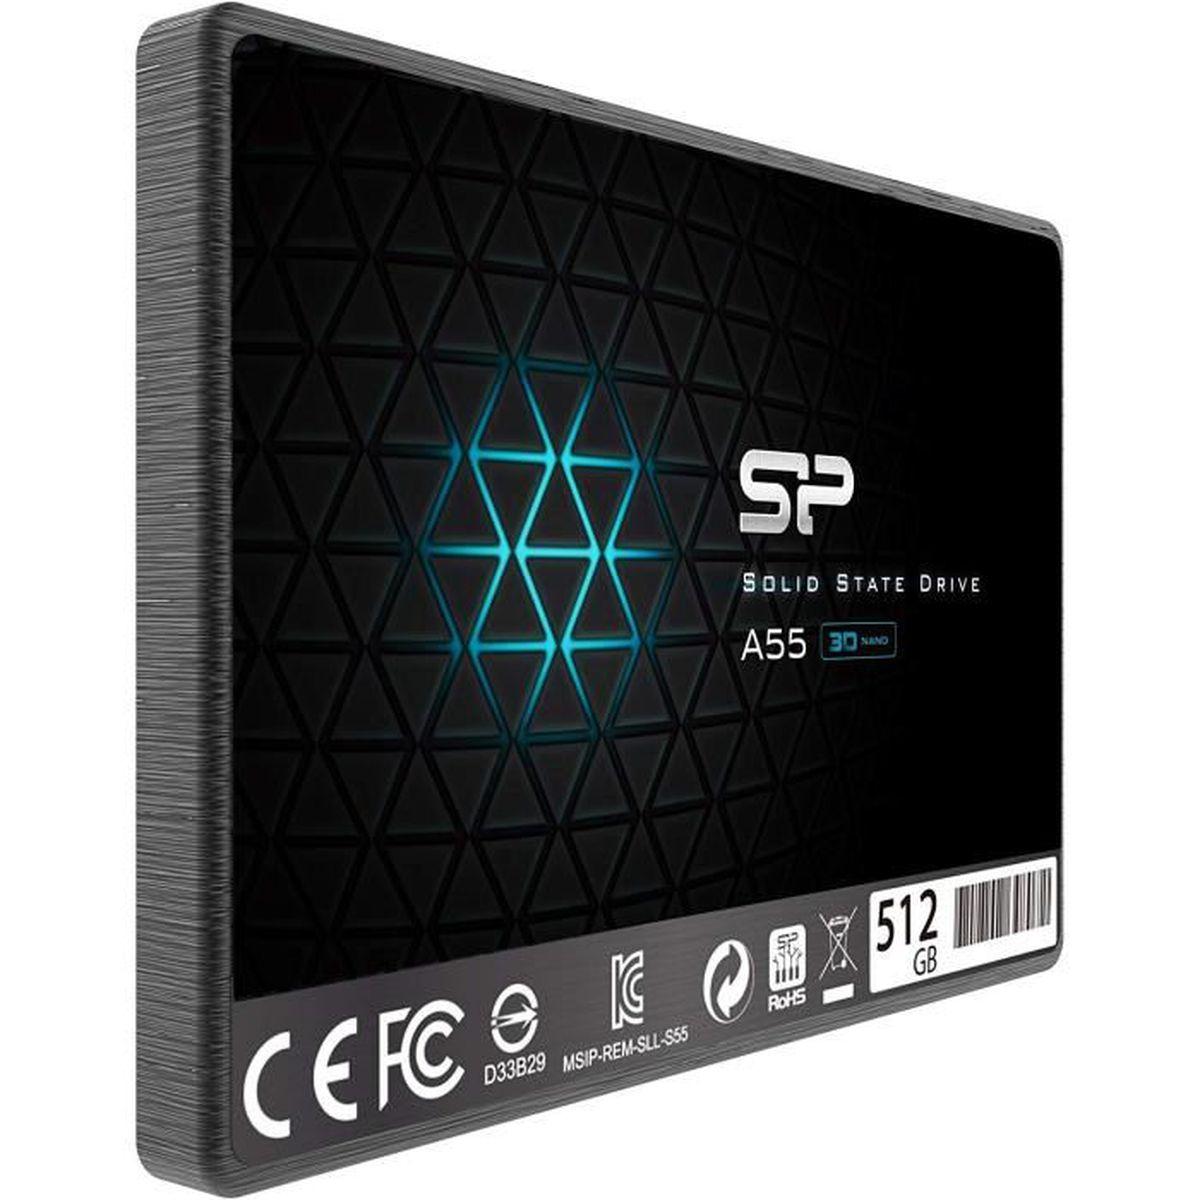 DISQUE DUR SSD SILICON POWER Ace A55 Disque SSD 512 Go interne 2.